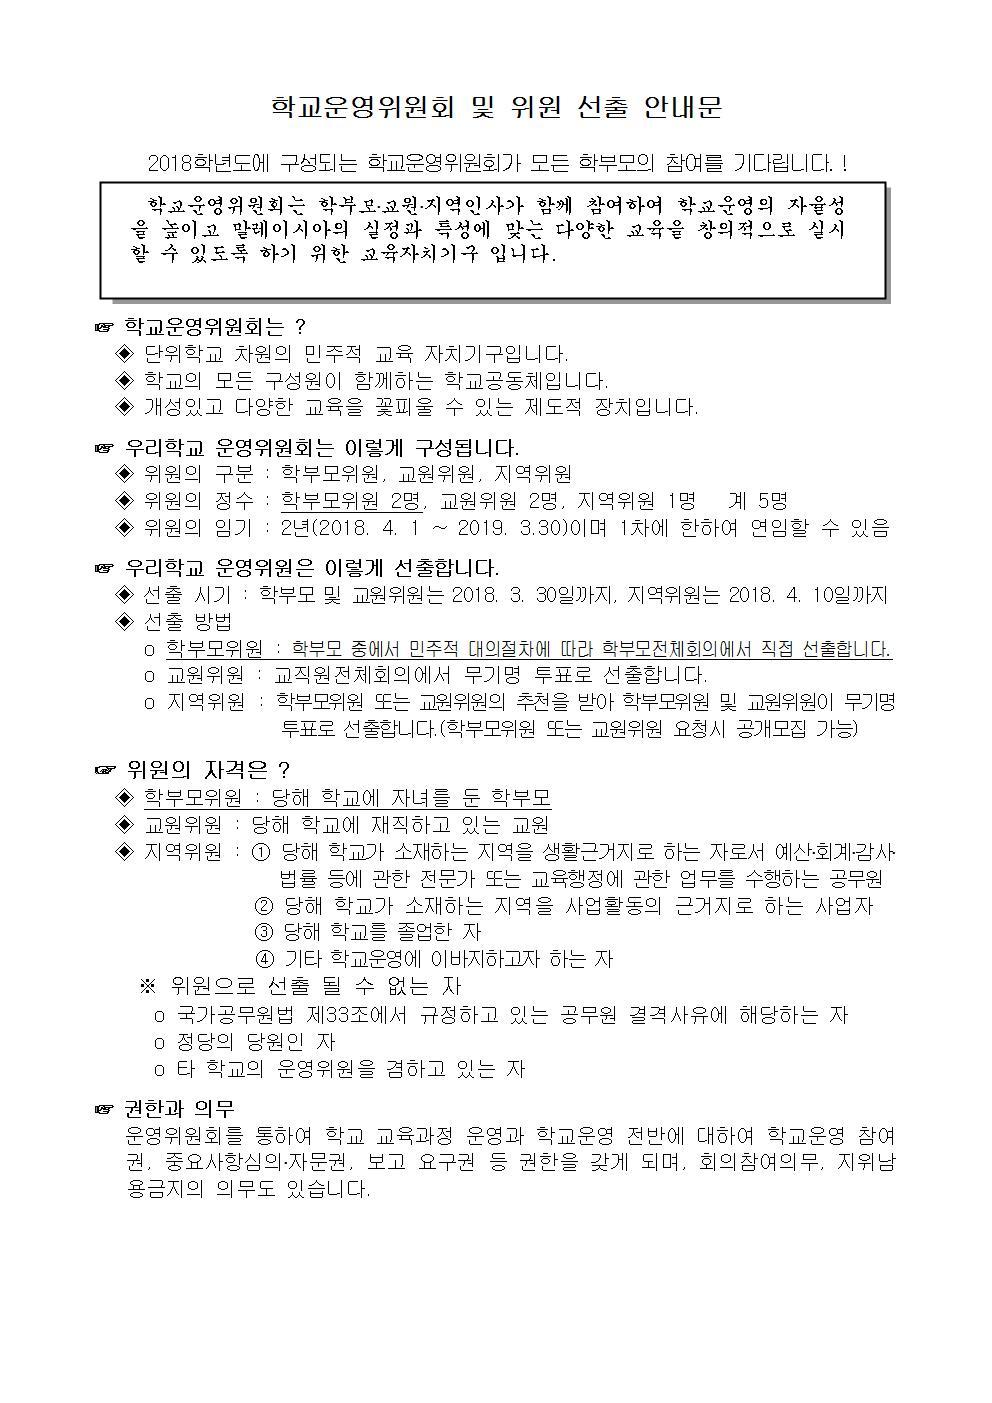 (가초-2018-04호)학교운영위원회홍보002.jpg